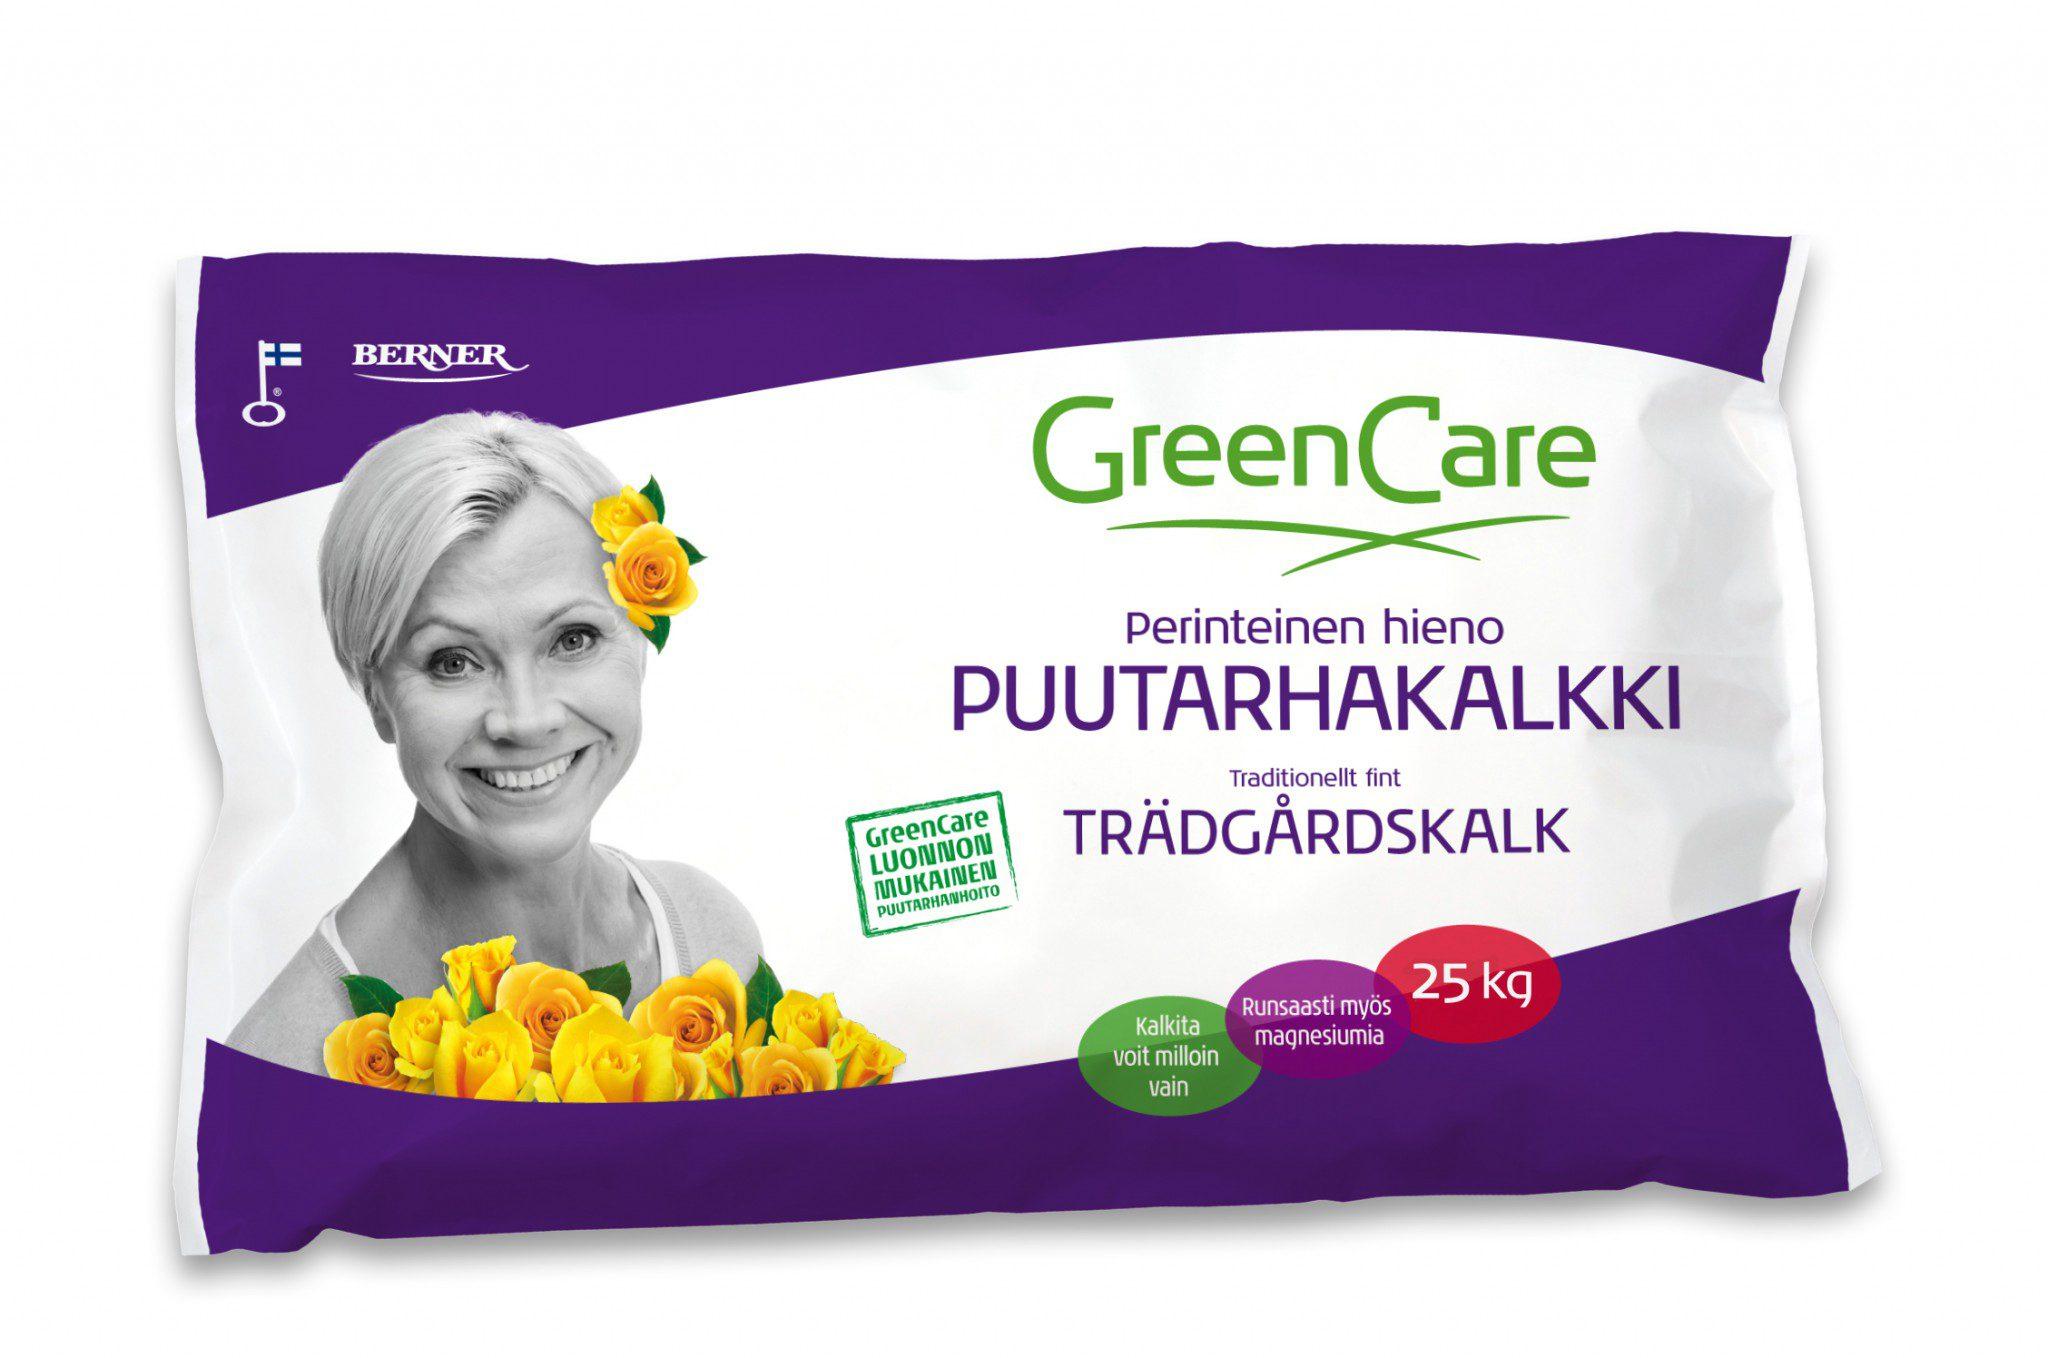 Nurmikko Kalkki